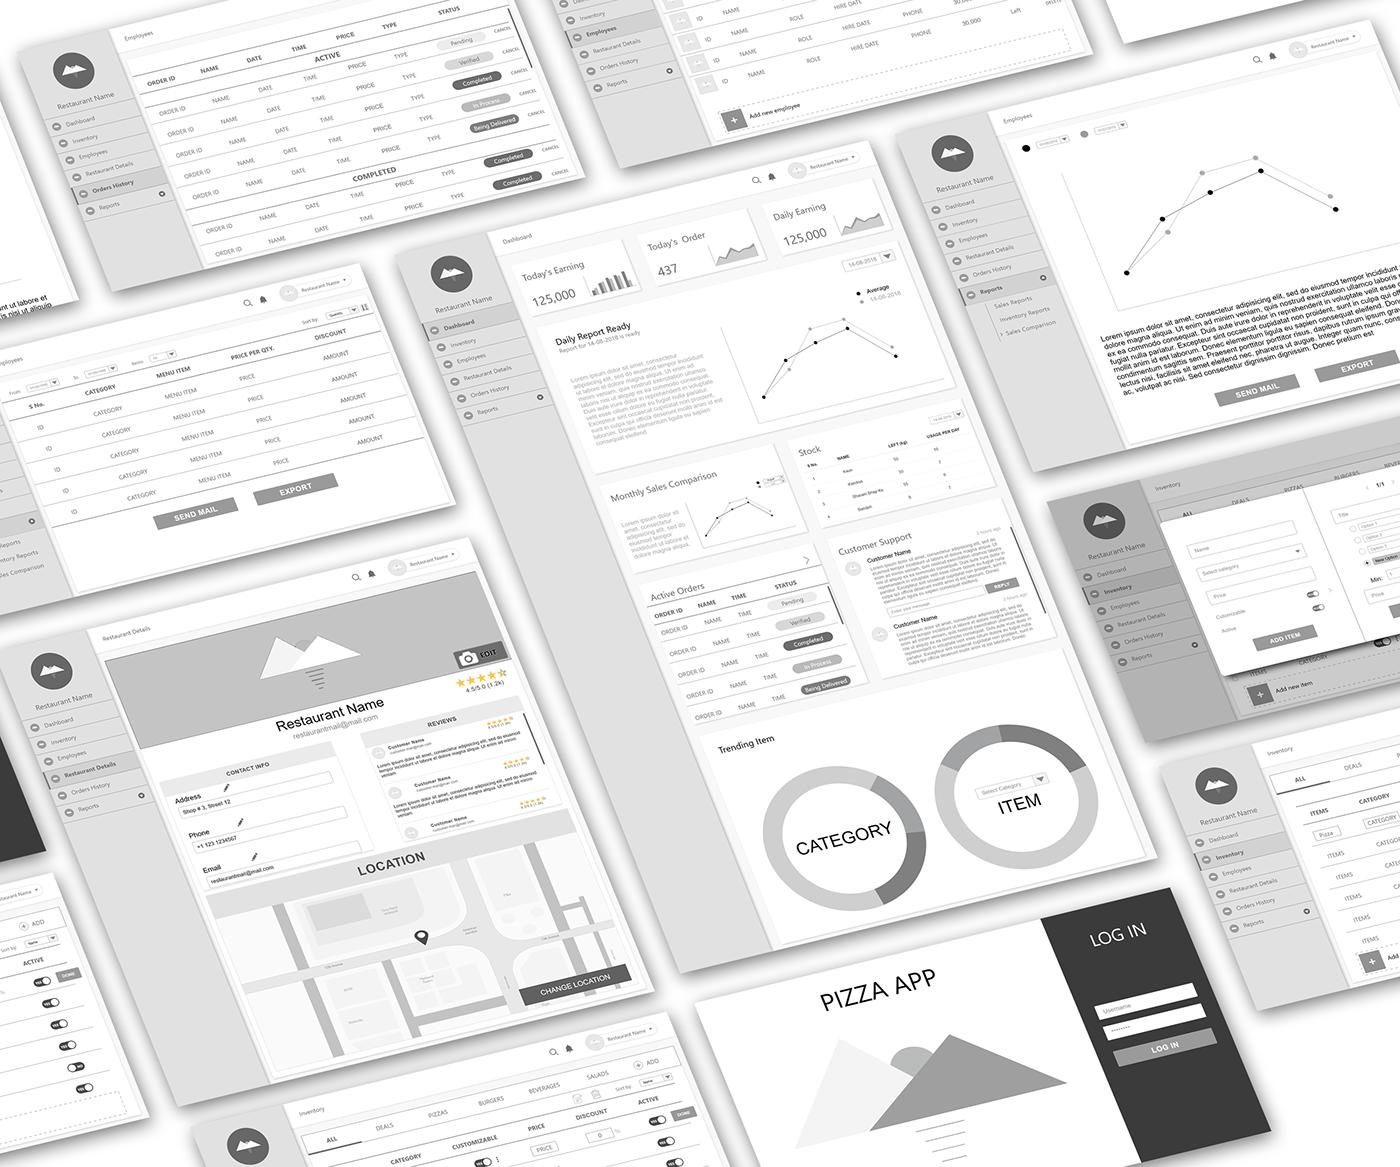 ui design UI/UX food delivery desktop app Modern UI dashboard design prototype Mockup wireframes wireframe design